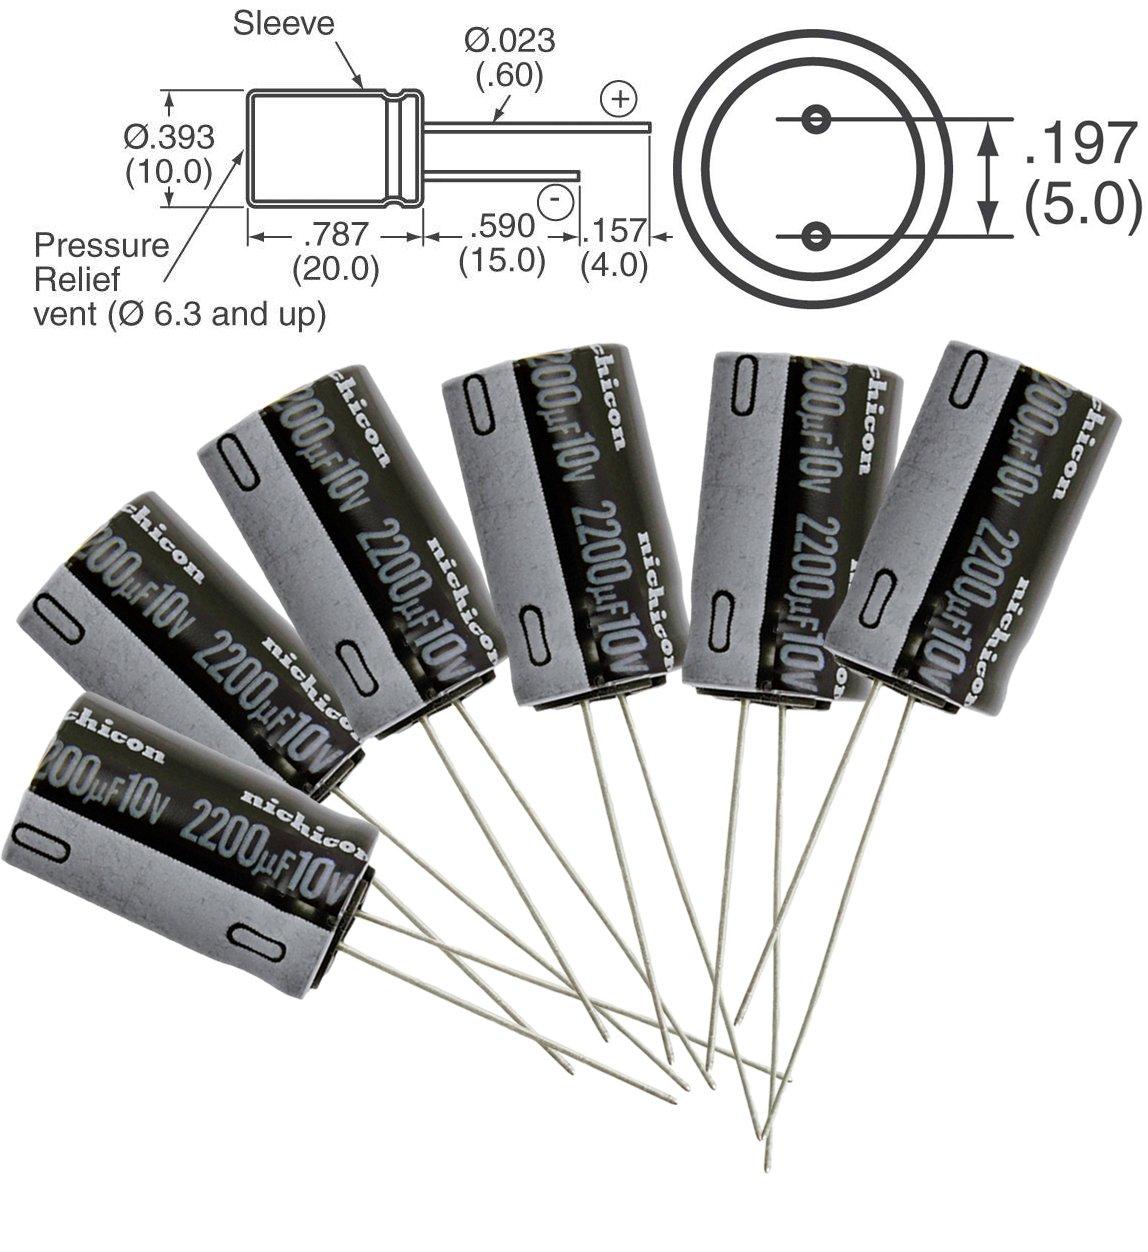 Condensador electrol/ítico radial de aluminio con condensador electrol/ítico de 50 V 1uF-2200uF de 15 unidades